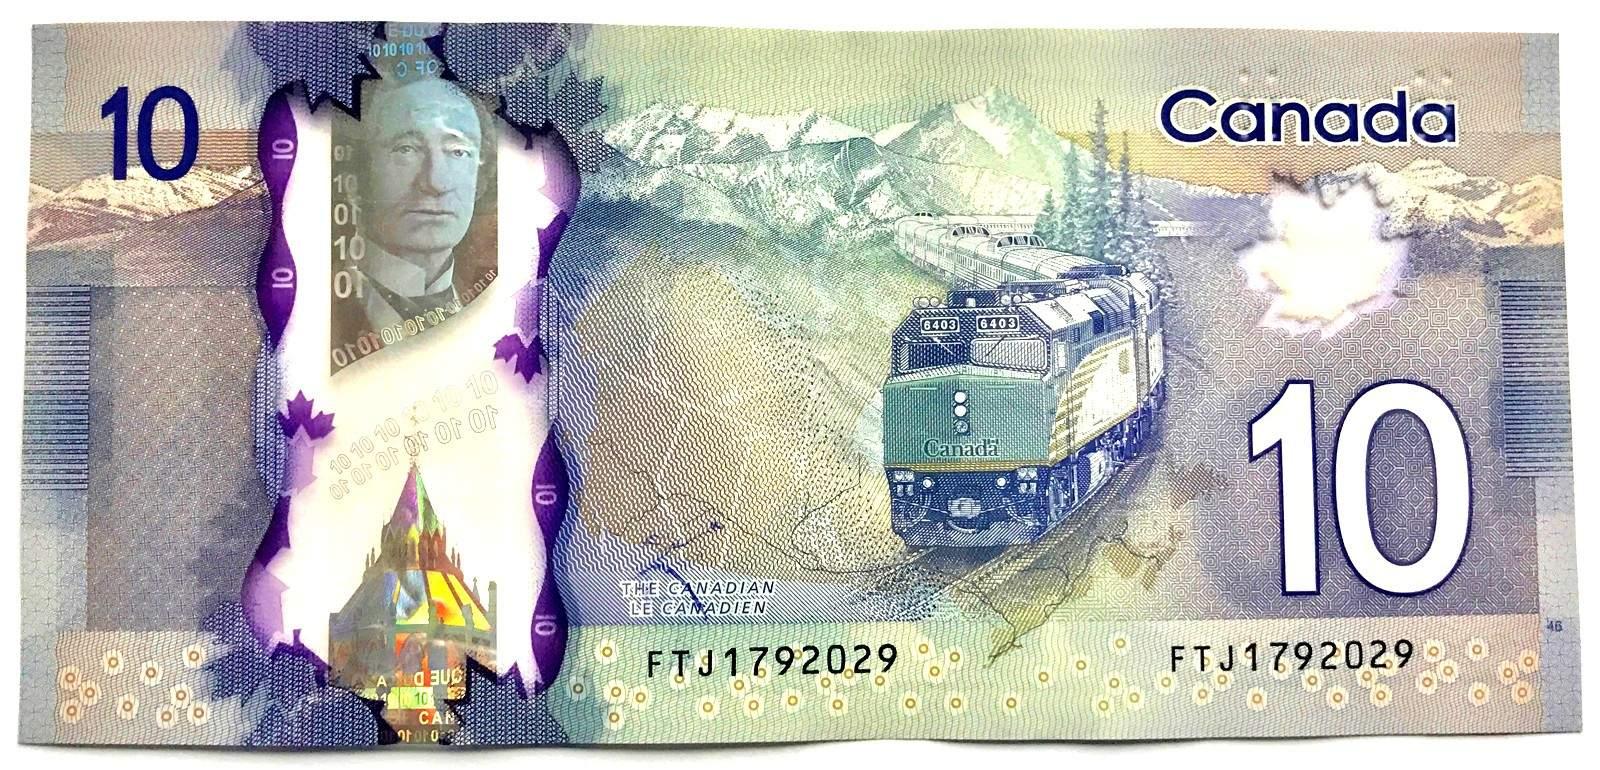 پشت اسکناس 10 دلاری کانادا، تصویر خط آهنی که در حال عبور از مناطق کوهستانی کاناداست